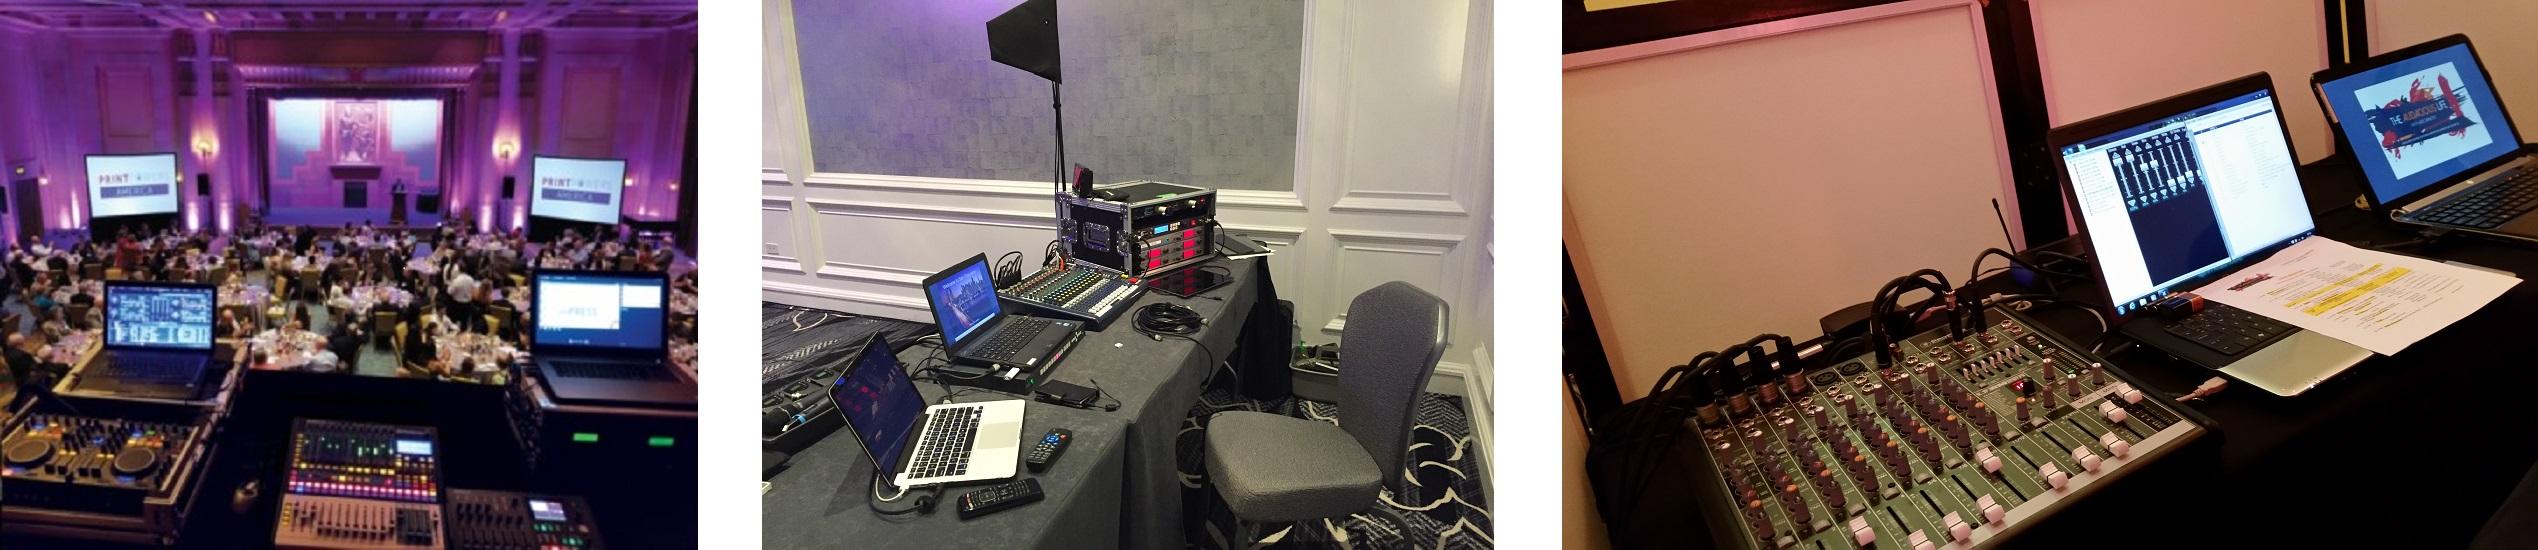 Houston DJ, Houston Audio Visual, Houston Audio Sound Reinforcement Mixer, Houston A/V, Power Point Presentation, Video Screens, Awesome Music Entertainment, Awesome Event Pros, AME DJs, Sonido DJ Sammy de Houston